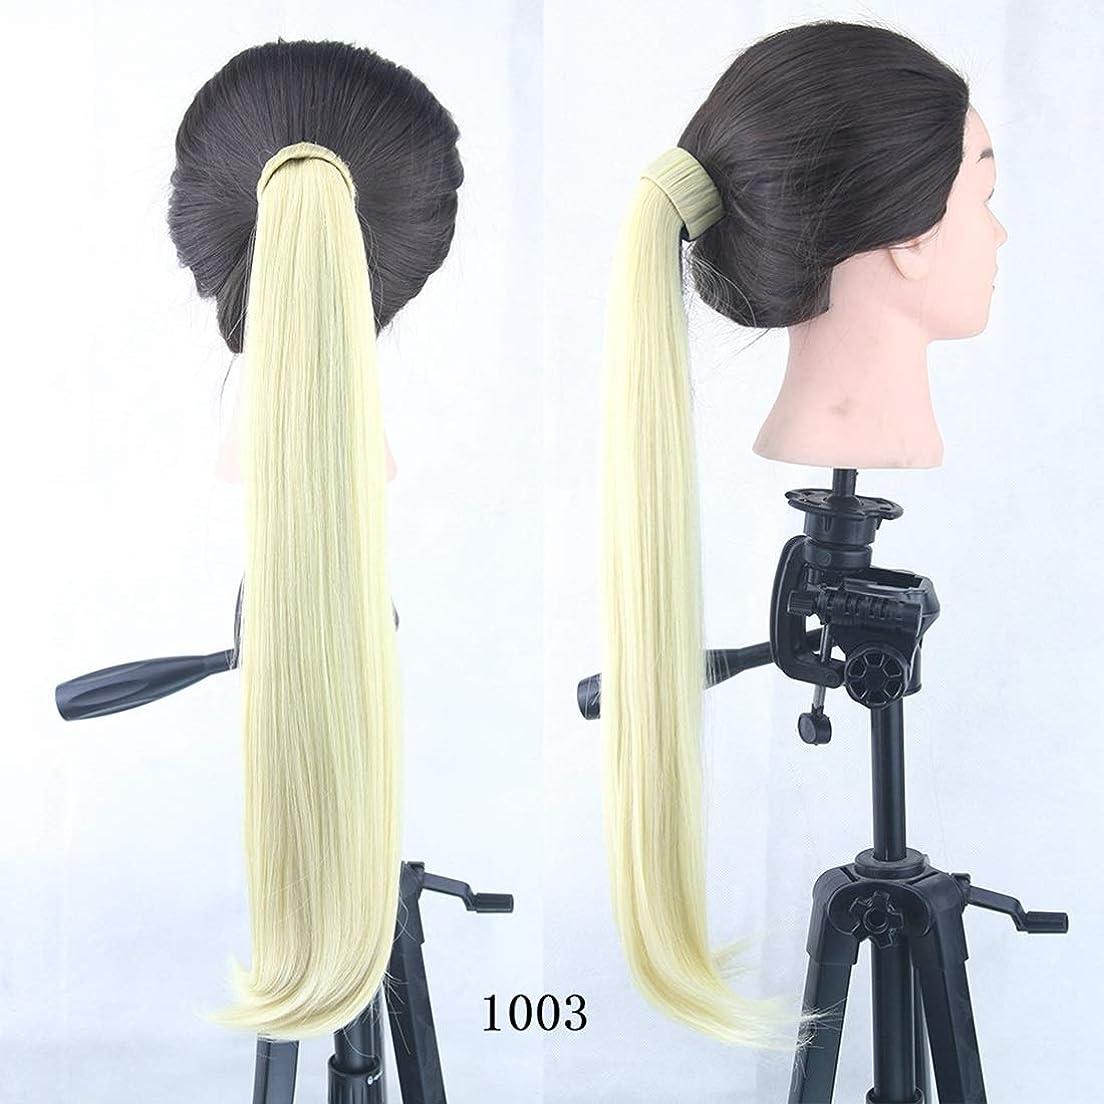 ギャラリー錫ポールJIANFU マイクロボリュームの破片ポニーテール8色オプションのガールズ金属の破片ポニーテールストレートヘア (Color : Color 1003)